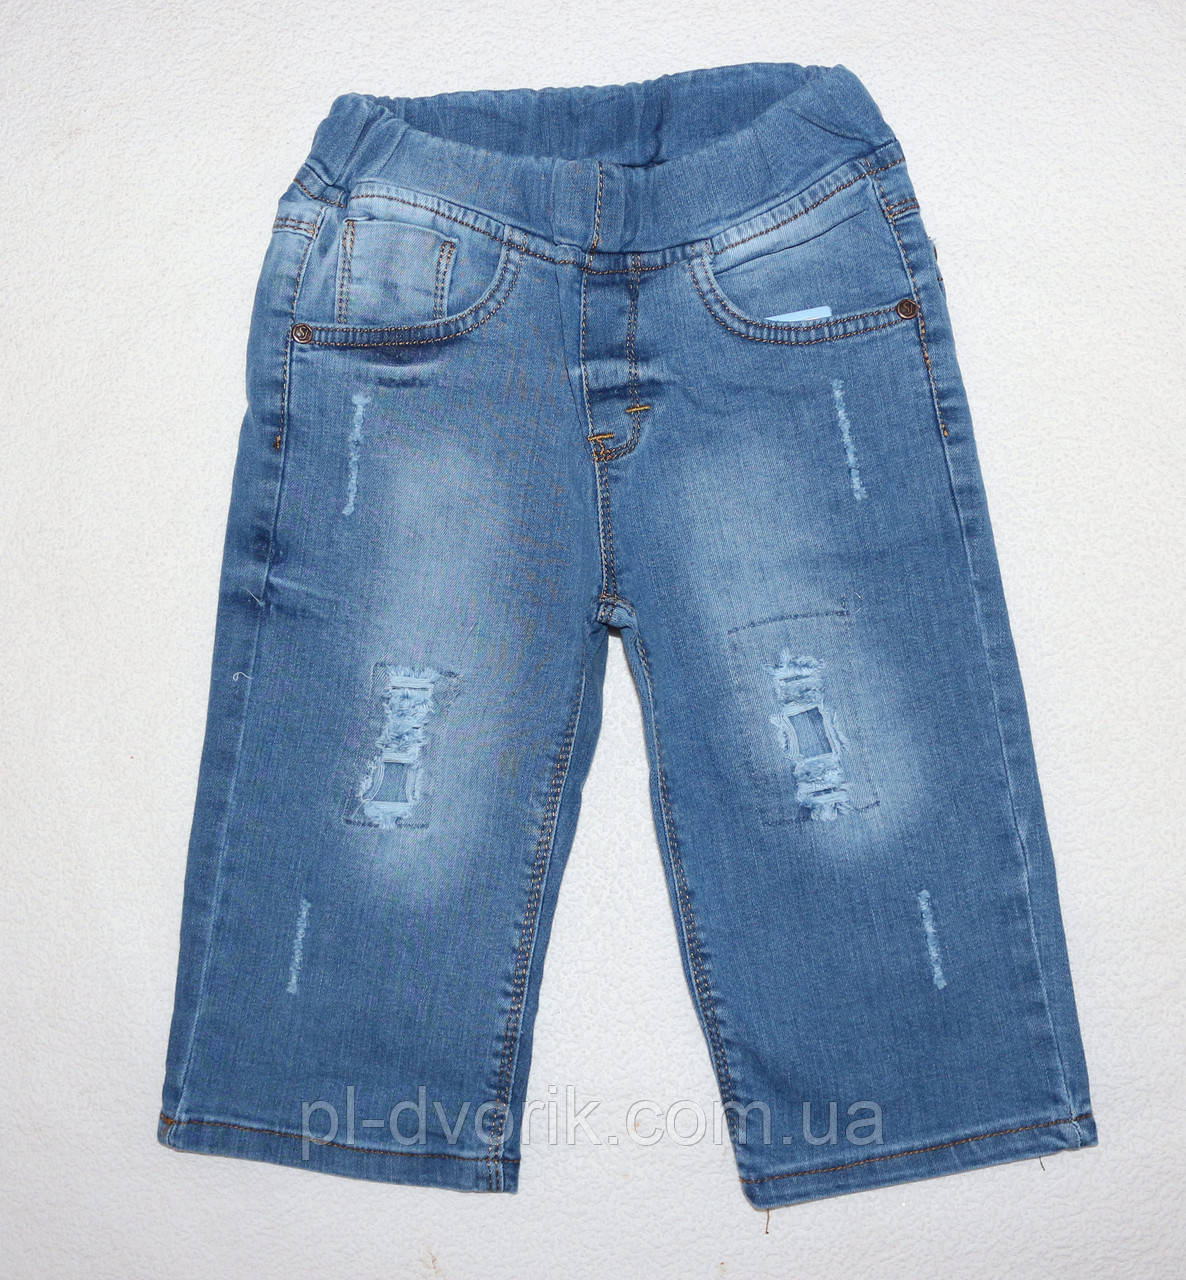 Джинсовые шорты на мальчика 8,9,10,11,12 лет